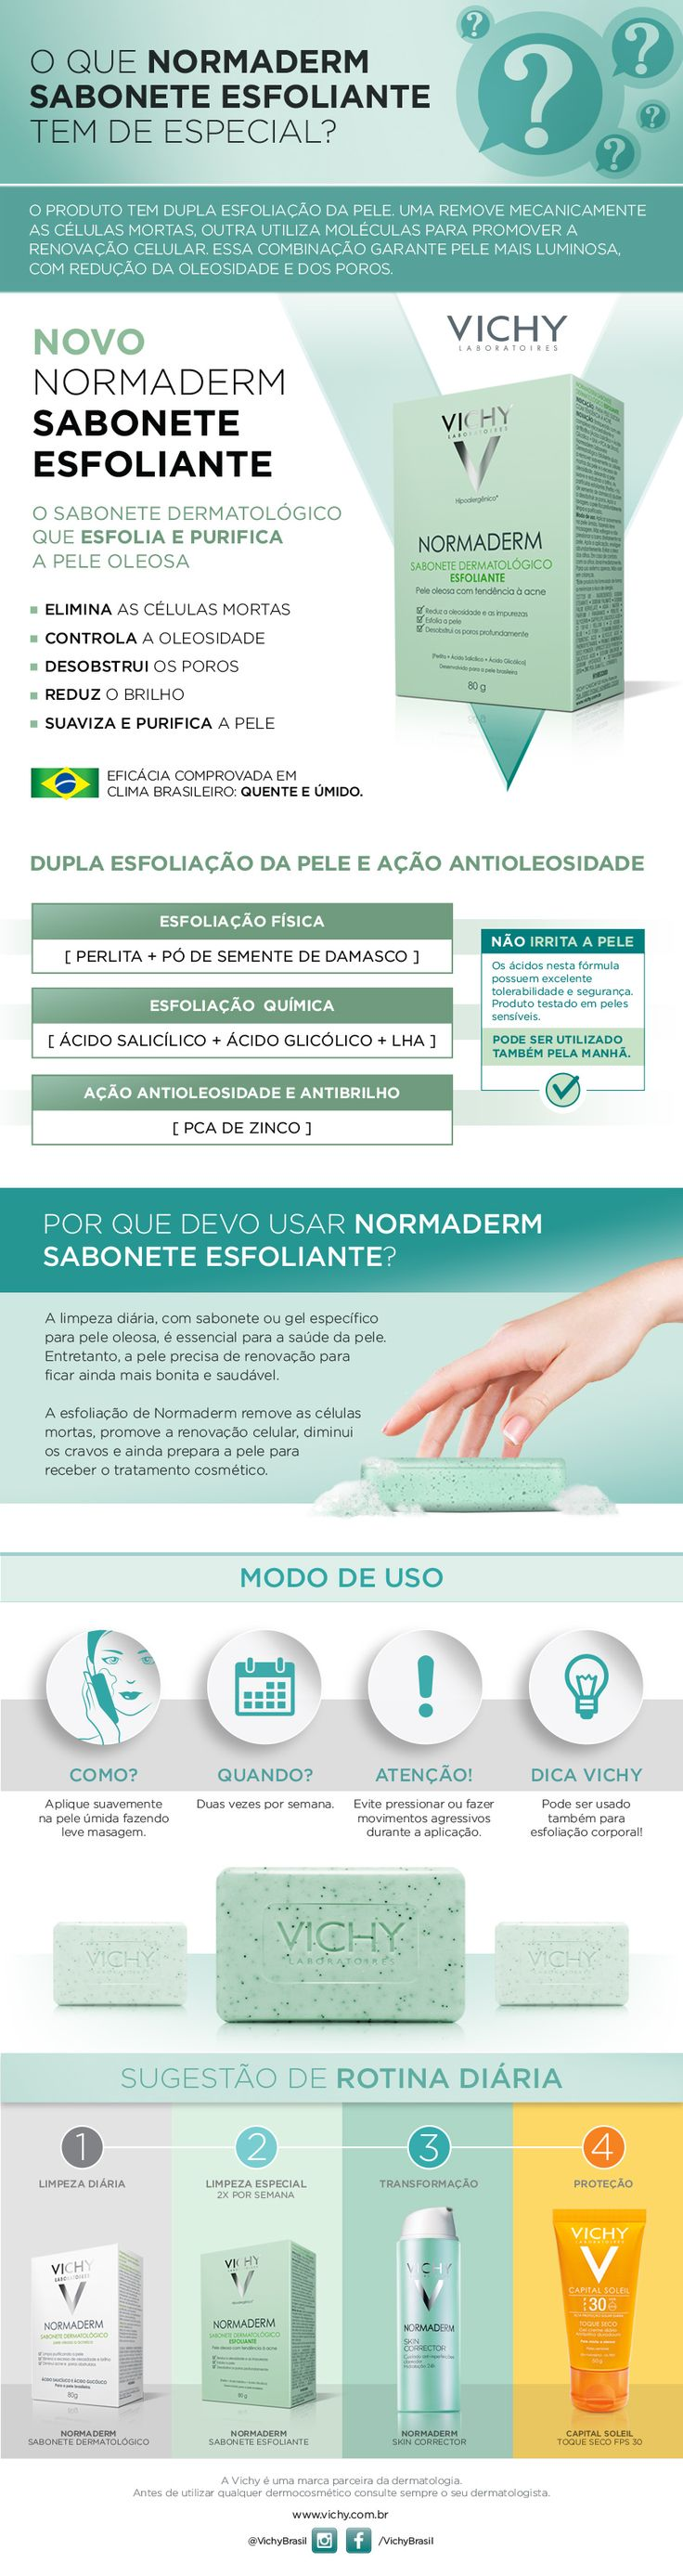 Vichy Normaderm Sabonete Esfoliante é um sabonete em barra dermatológico que esfolia, purifica e suaviza as peles oleosas a acneicas.O produto tem efi